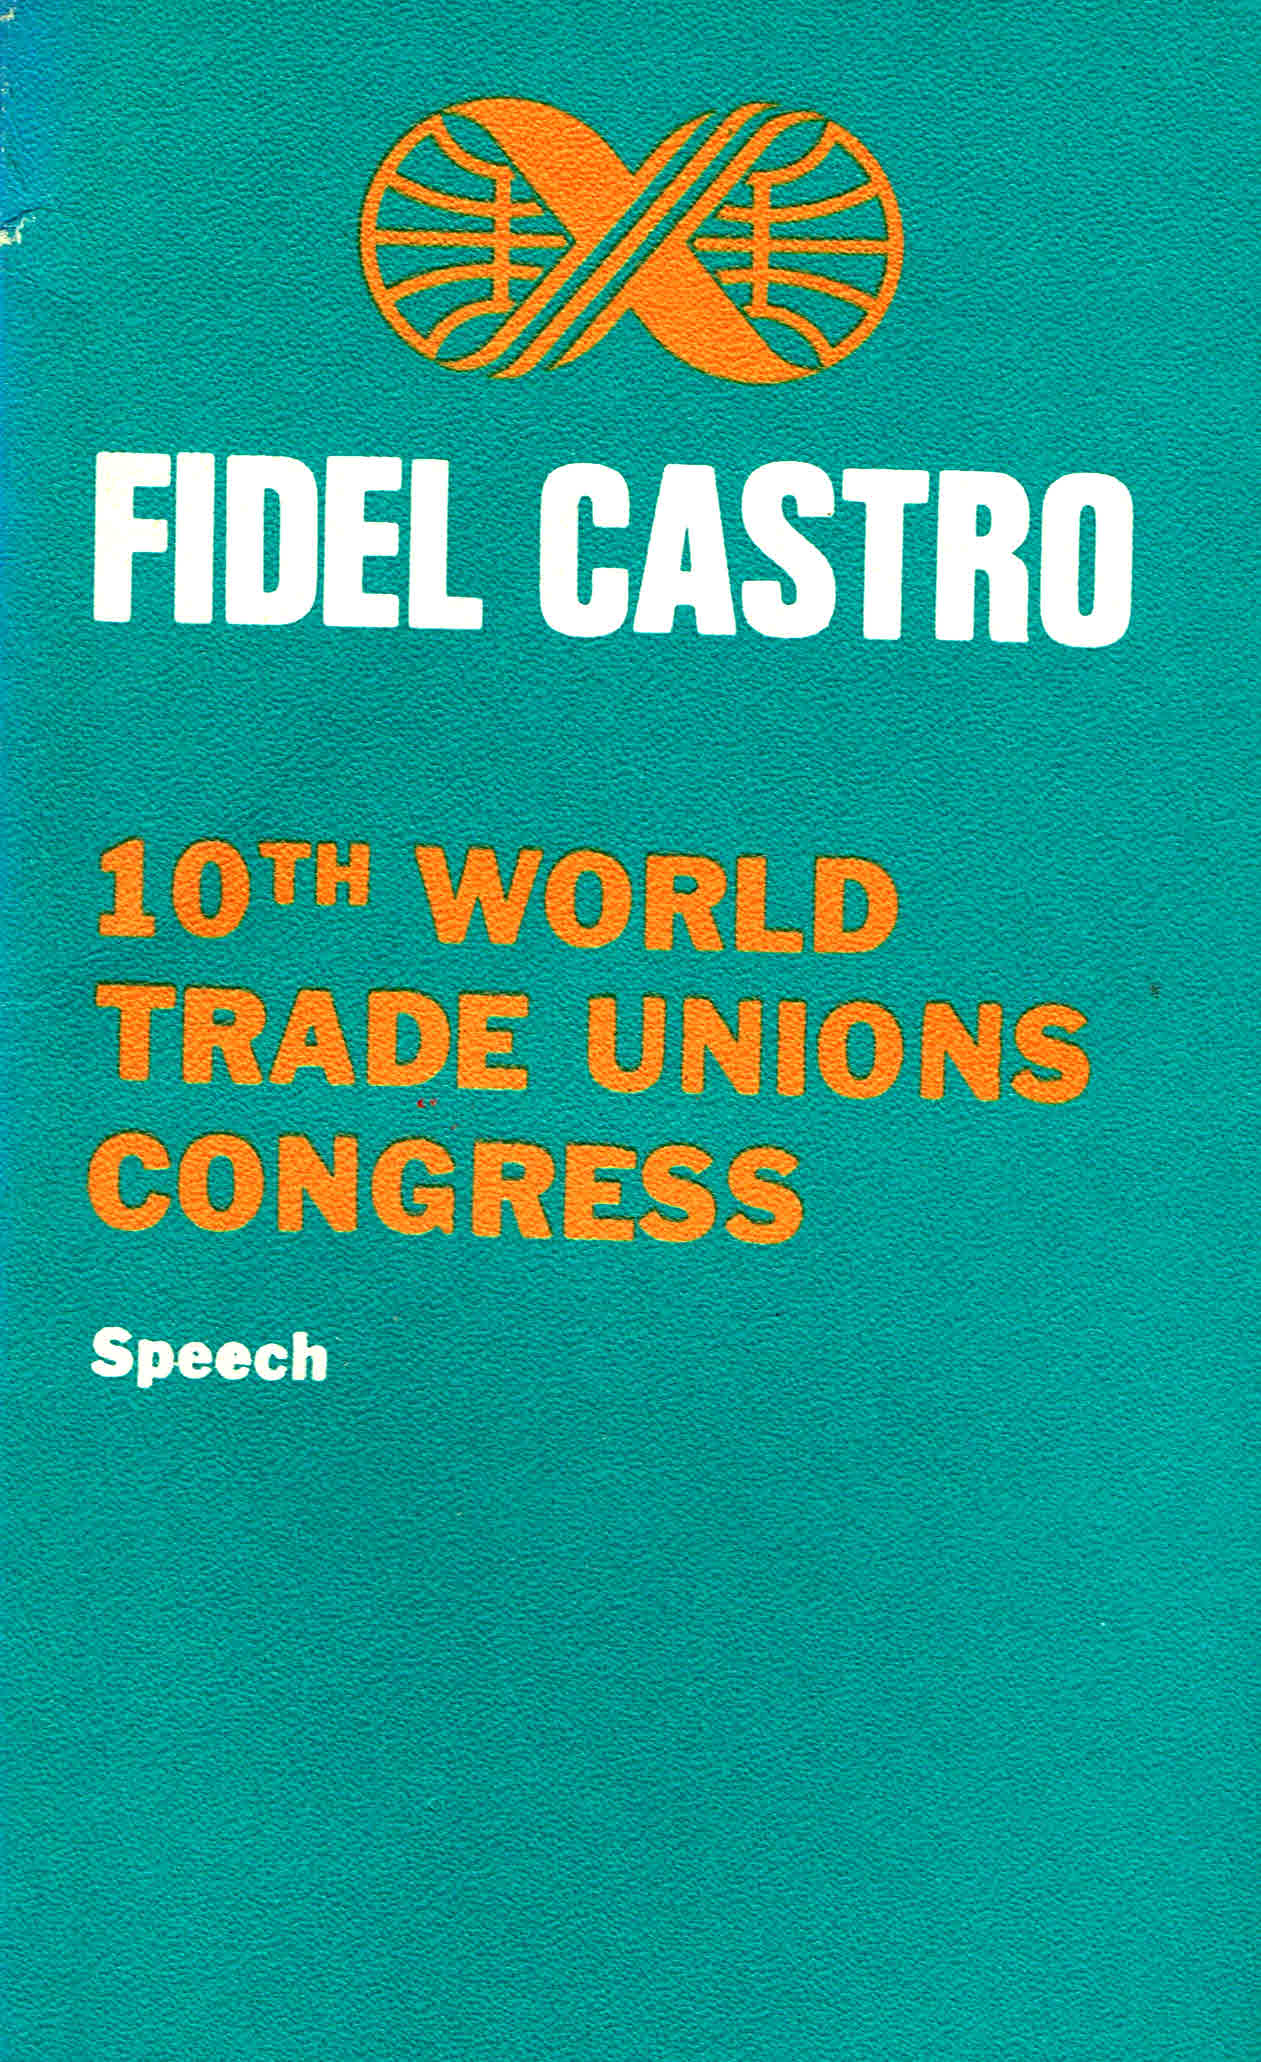 fidel castro, 10th world unione congress